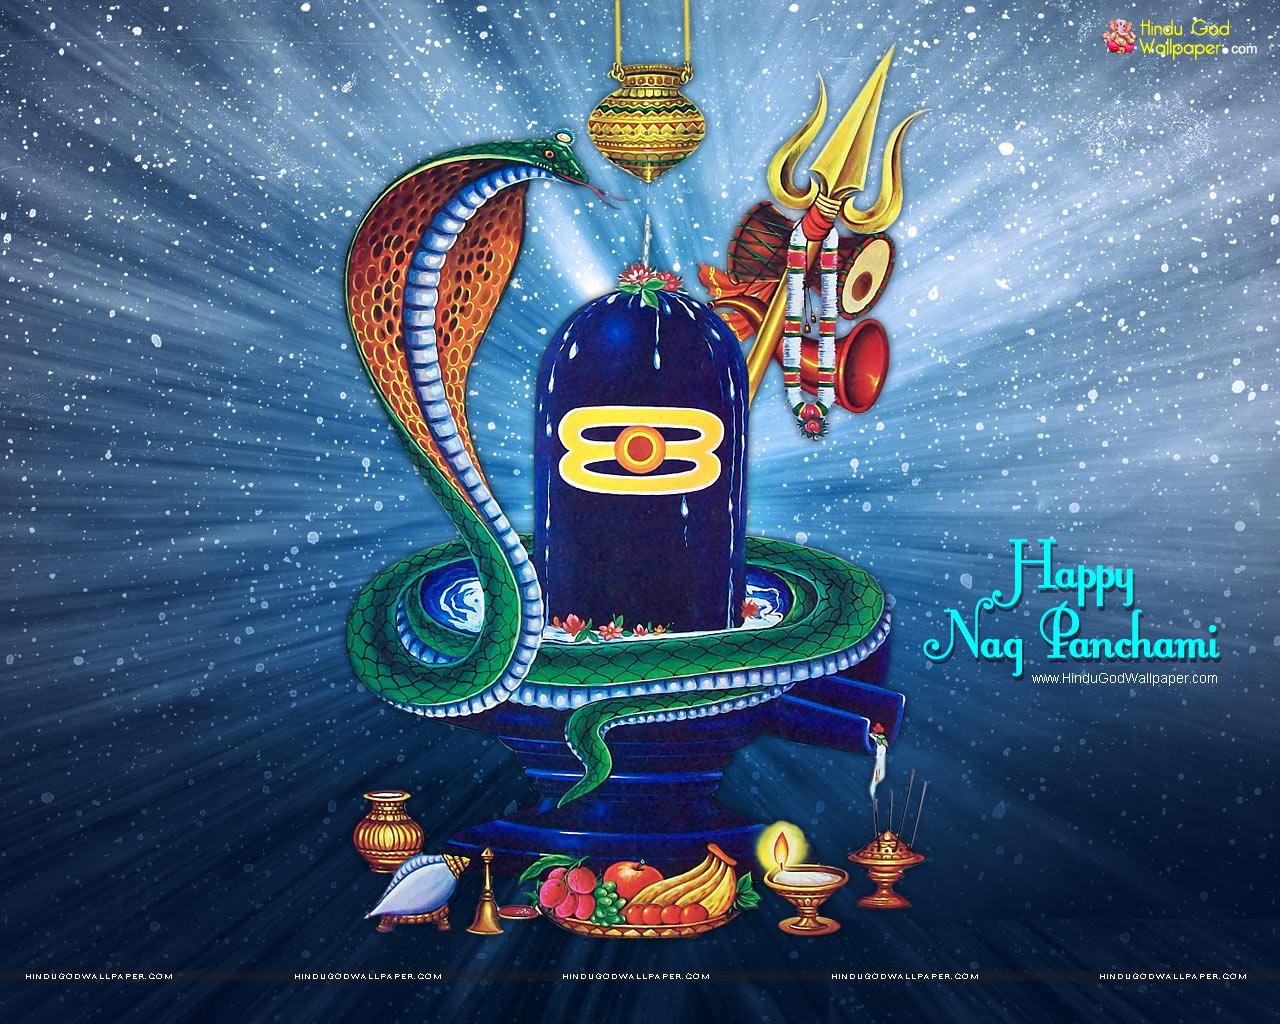 Nag Panchami HD Wallpaper